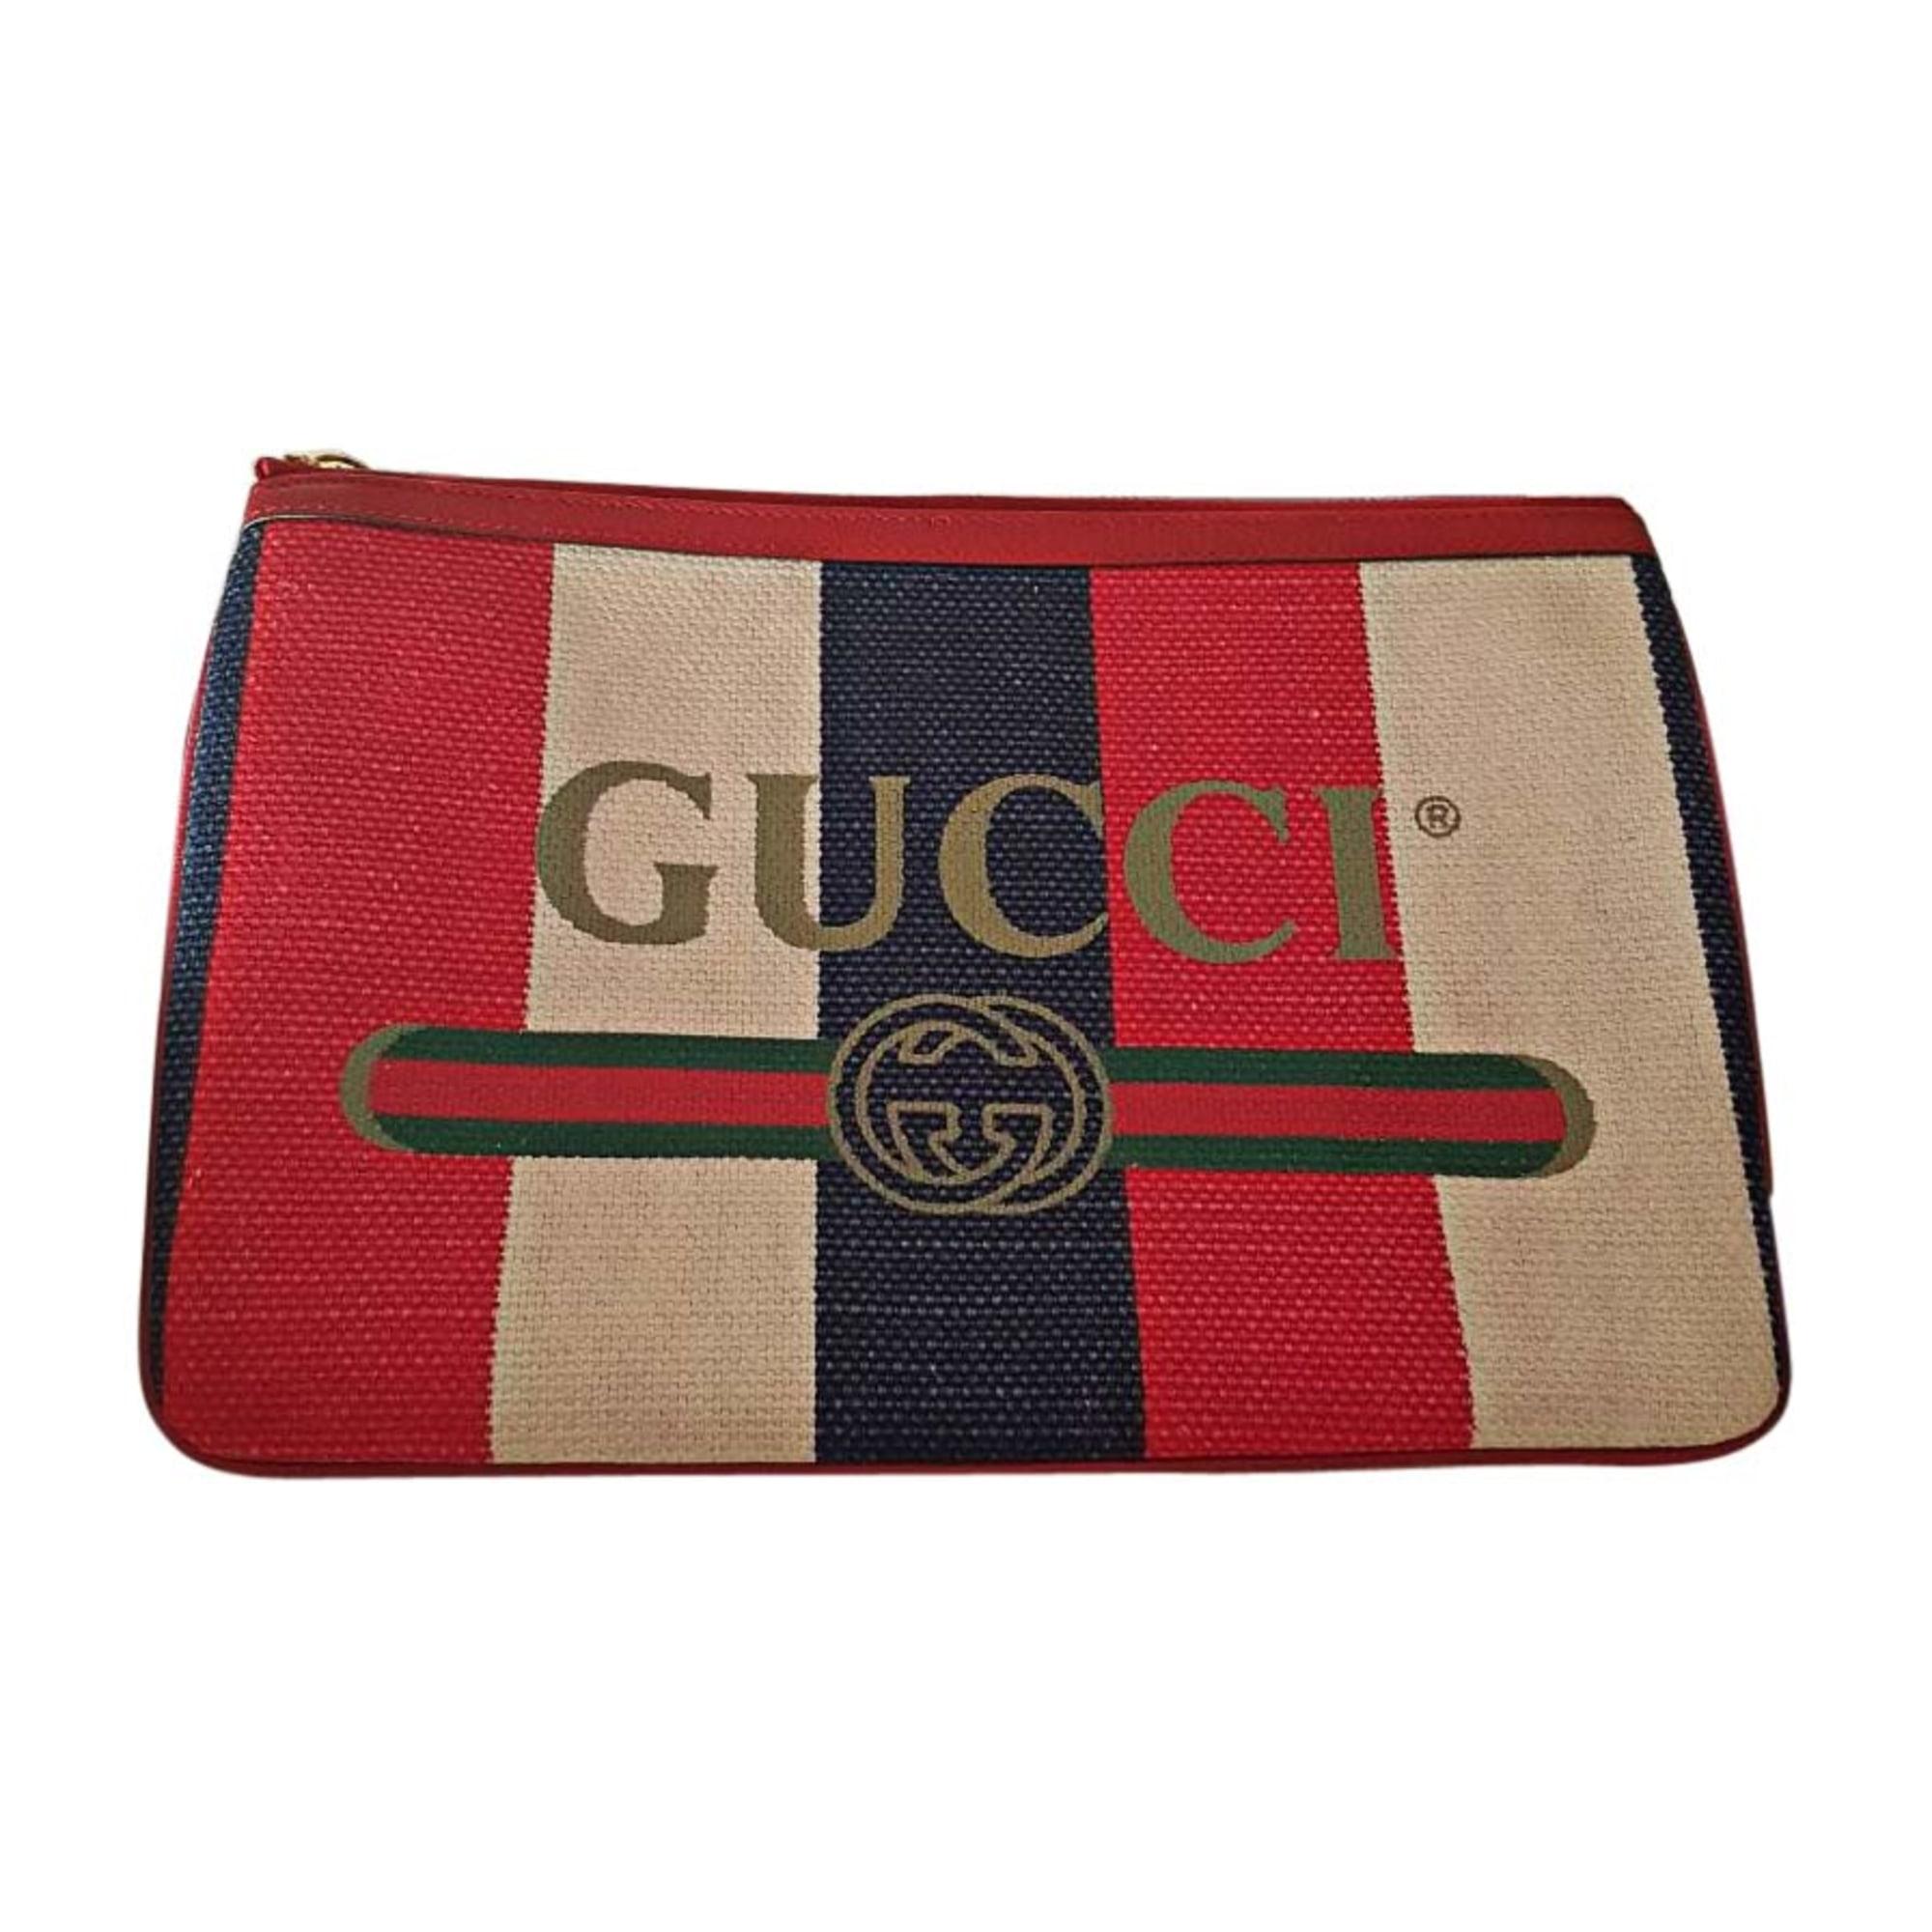 Clutch GUCCI Multicolor